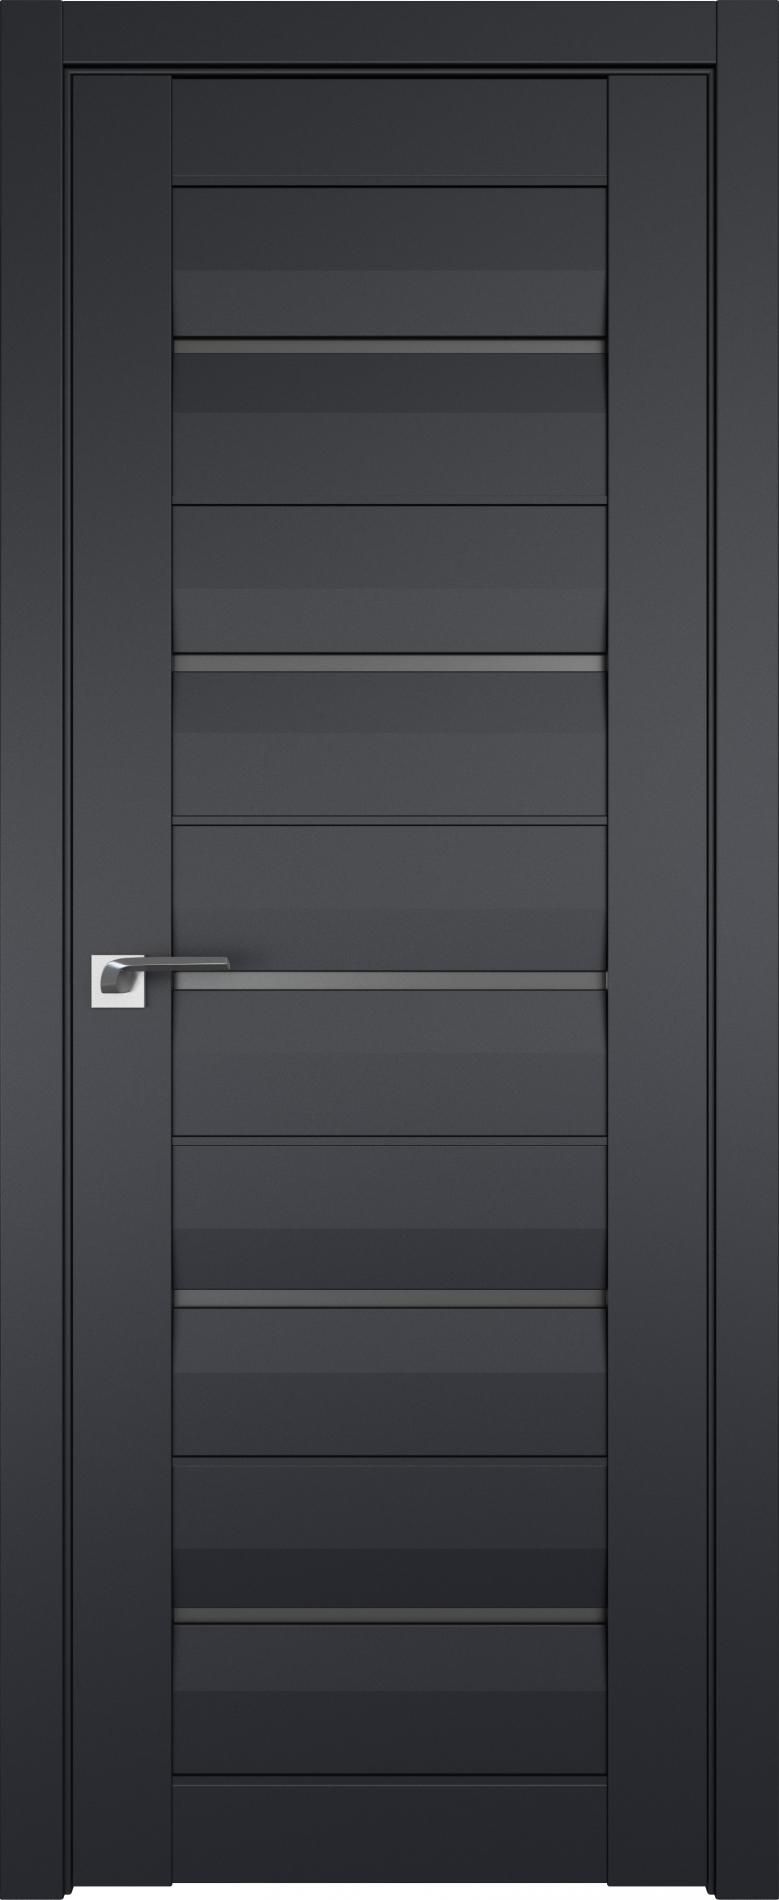 Двери межкомнатные темные со стеклом фото